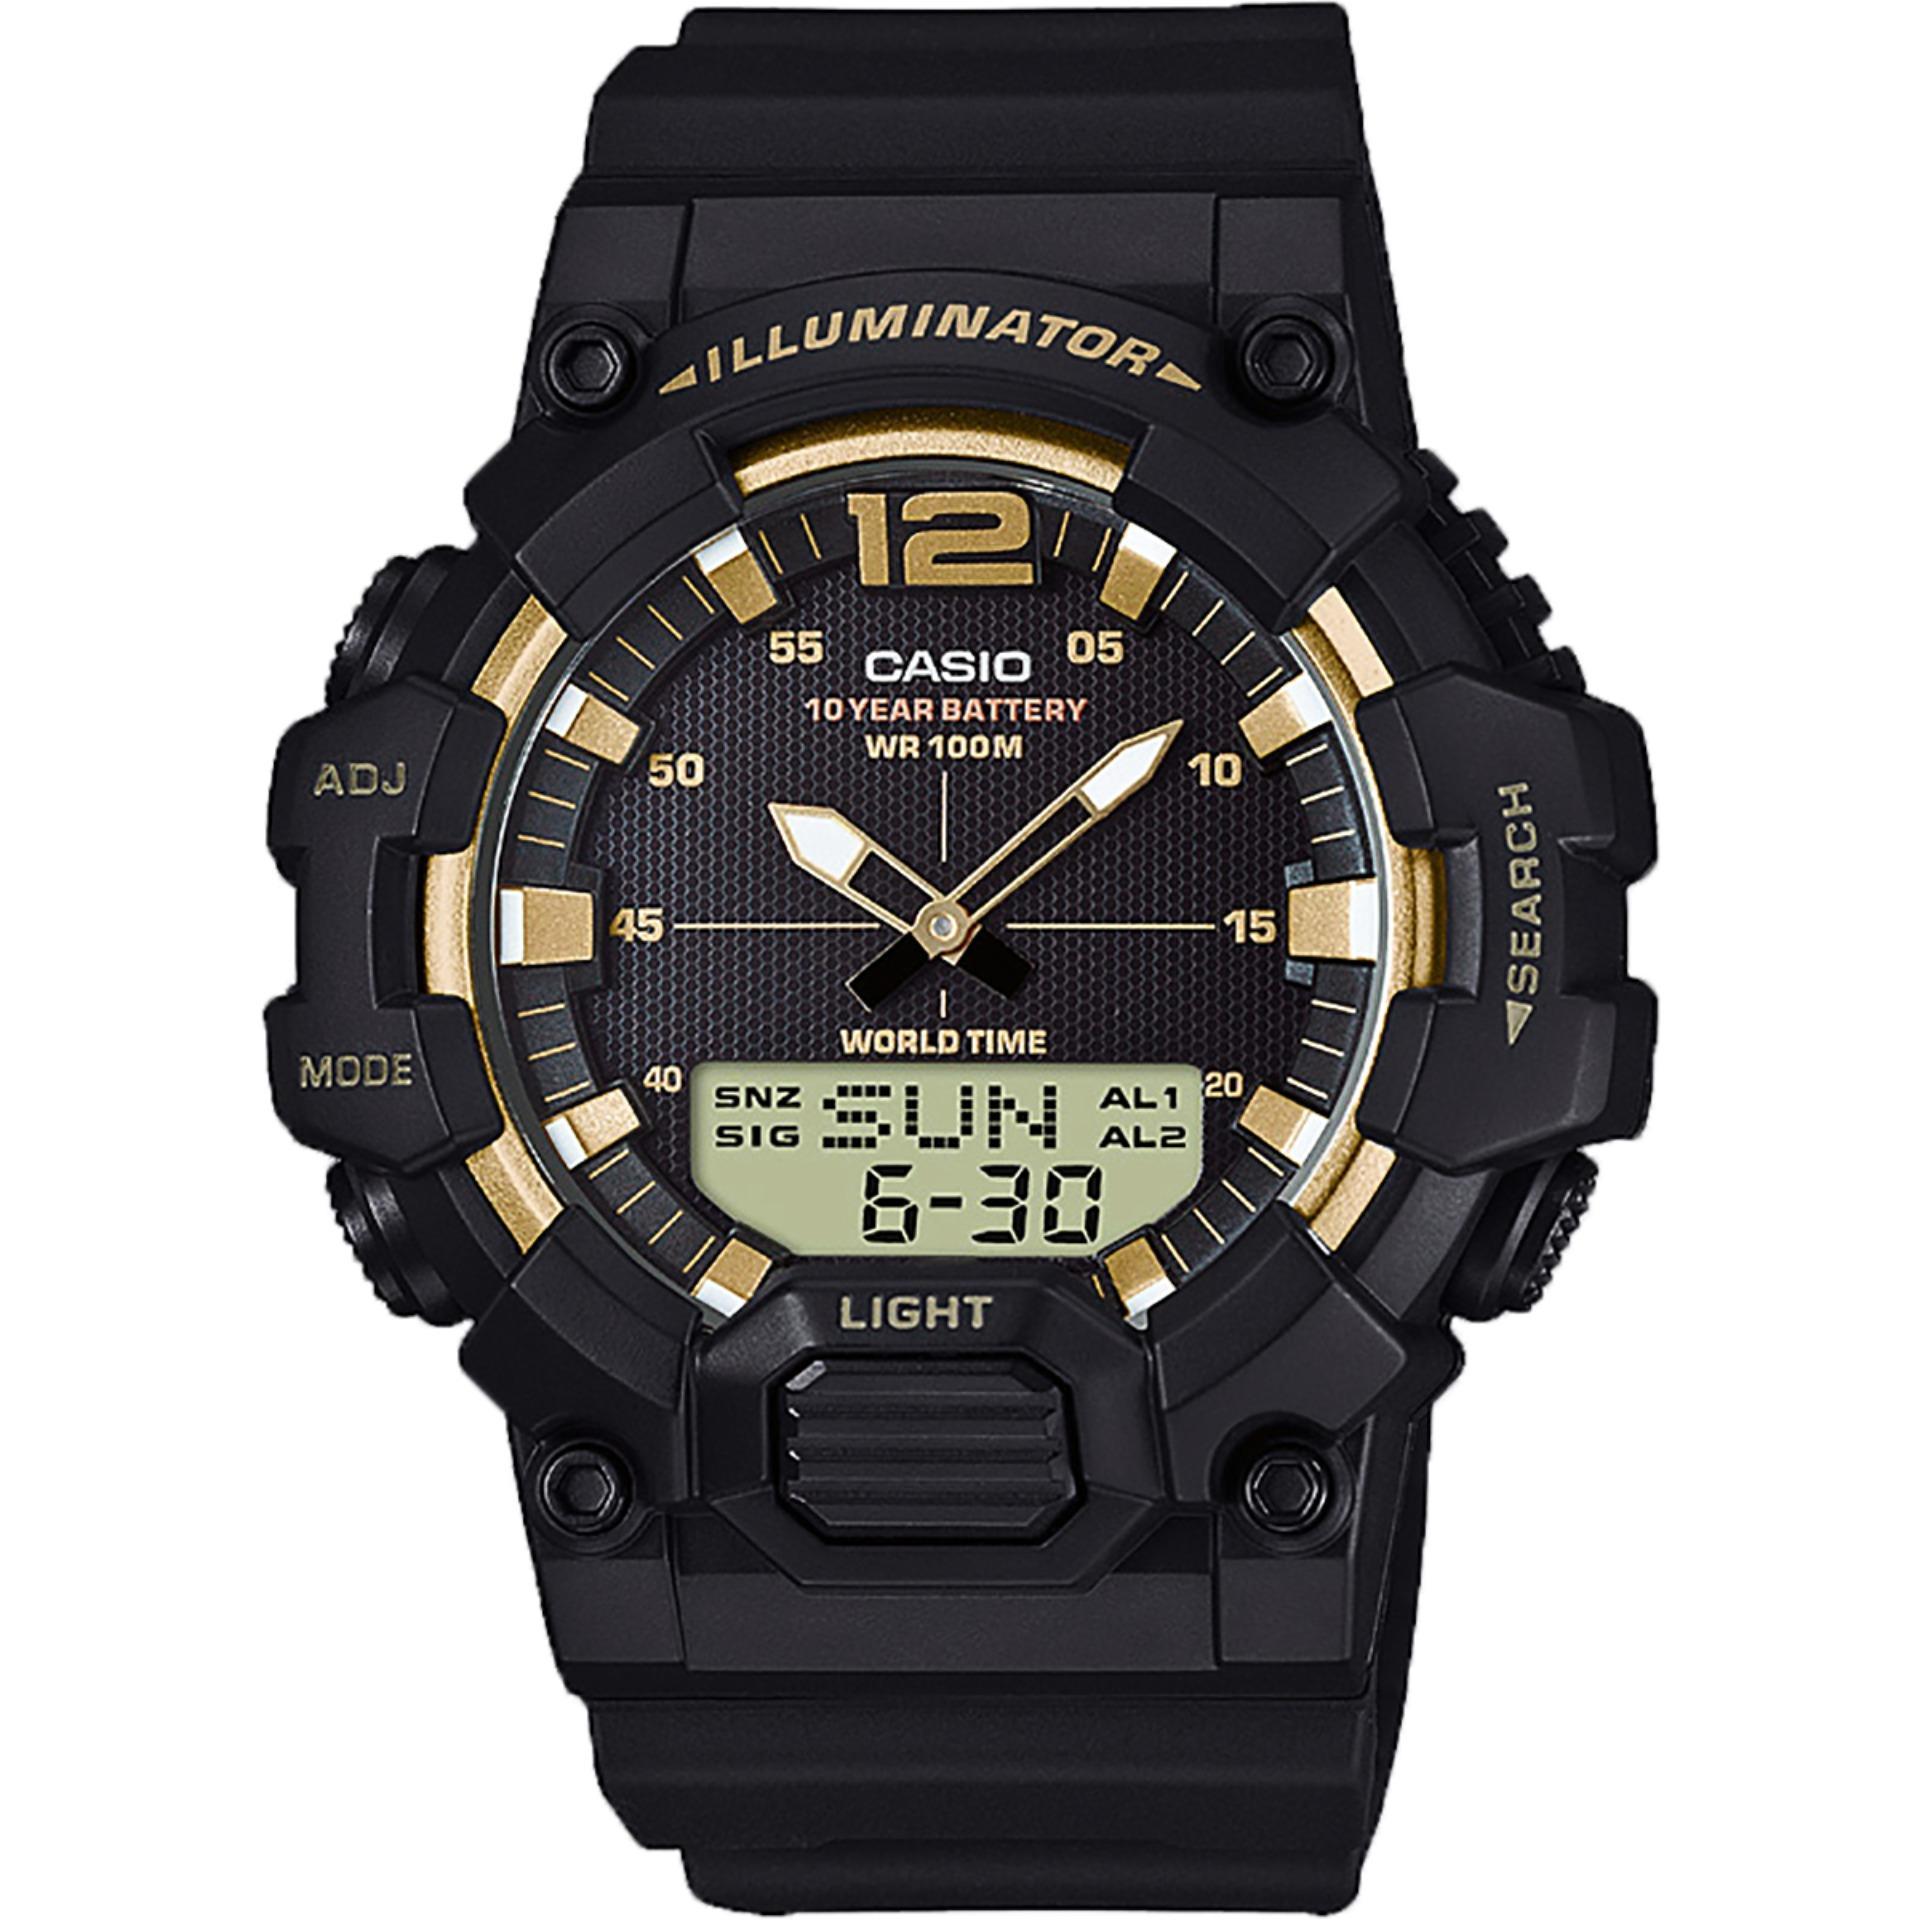 《ลดล้างสต๊อก》Casio แบตเตอรี่ 10 ปี สองระบบ เข็ม+ดิจิตอล นาฬิกาข้อมือ สายเรซิน รุ่น HDC-700